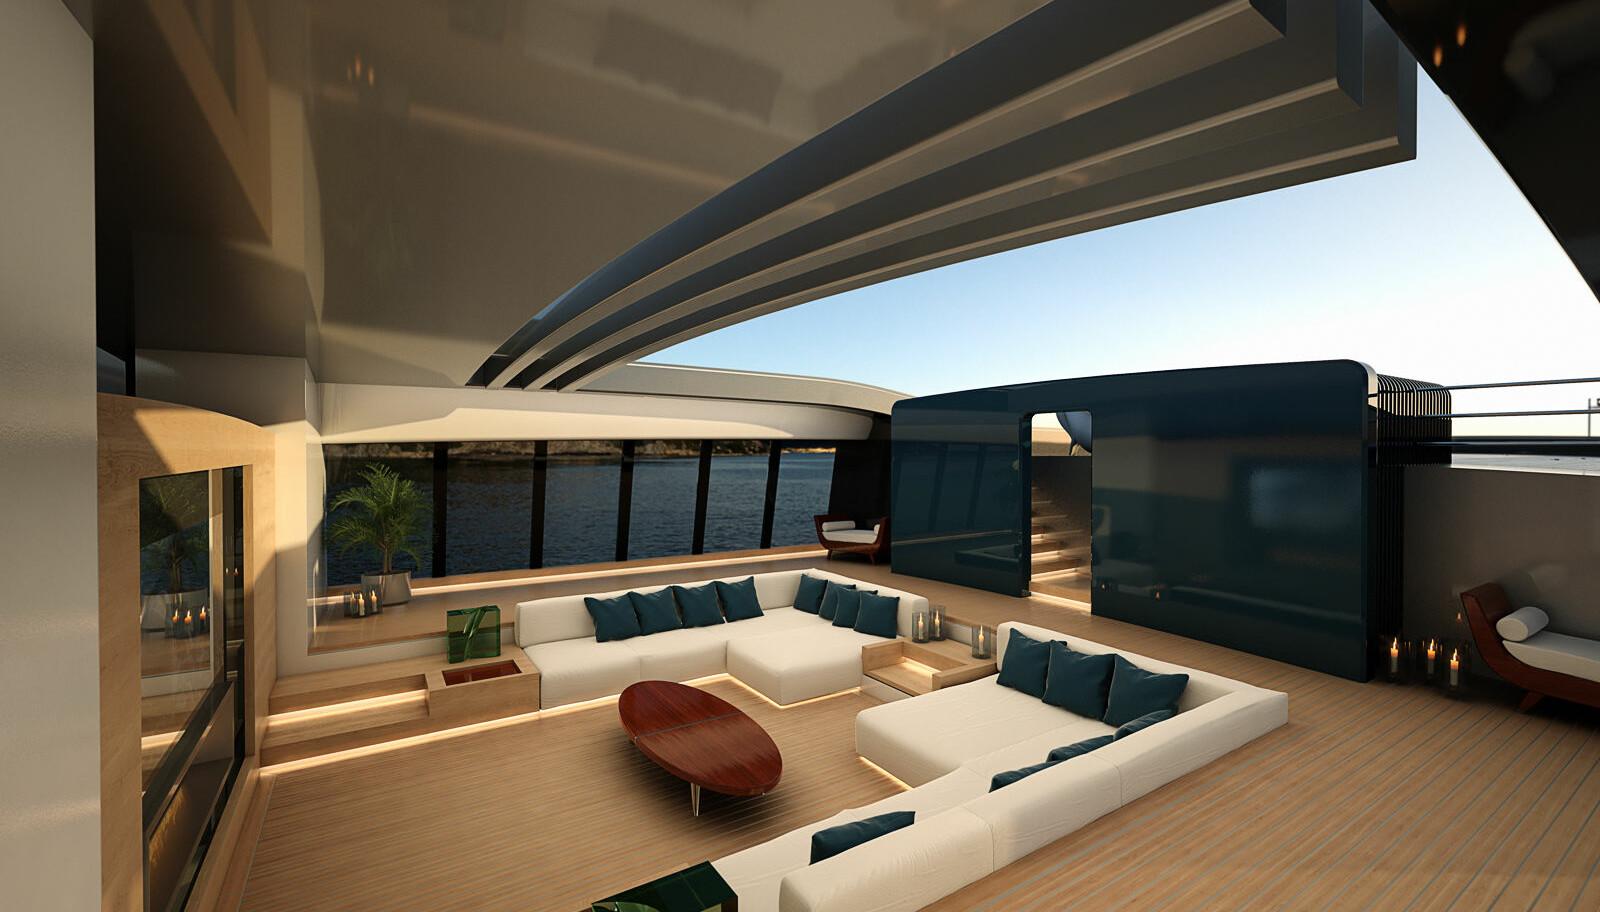 INNE BLIR UTE: Salongen midtskips har en enorm markise som kjøres unna og sidevinduene kan senkes og heves etter behov.